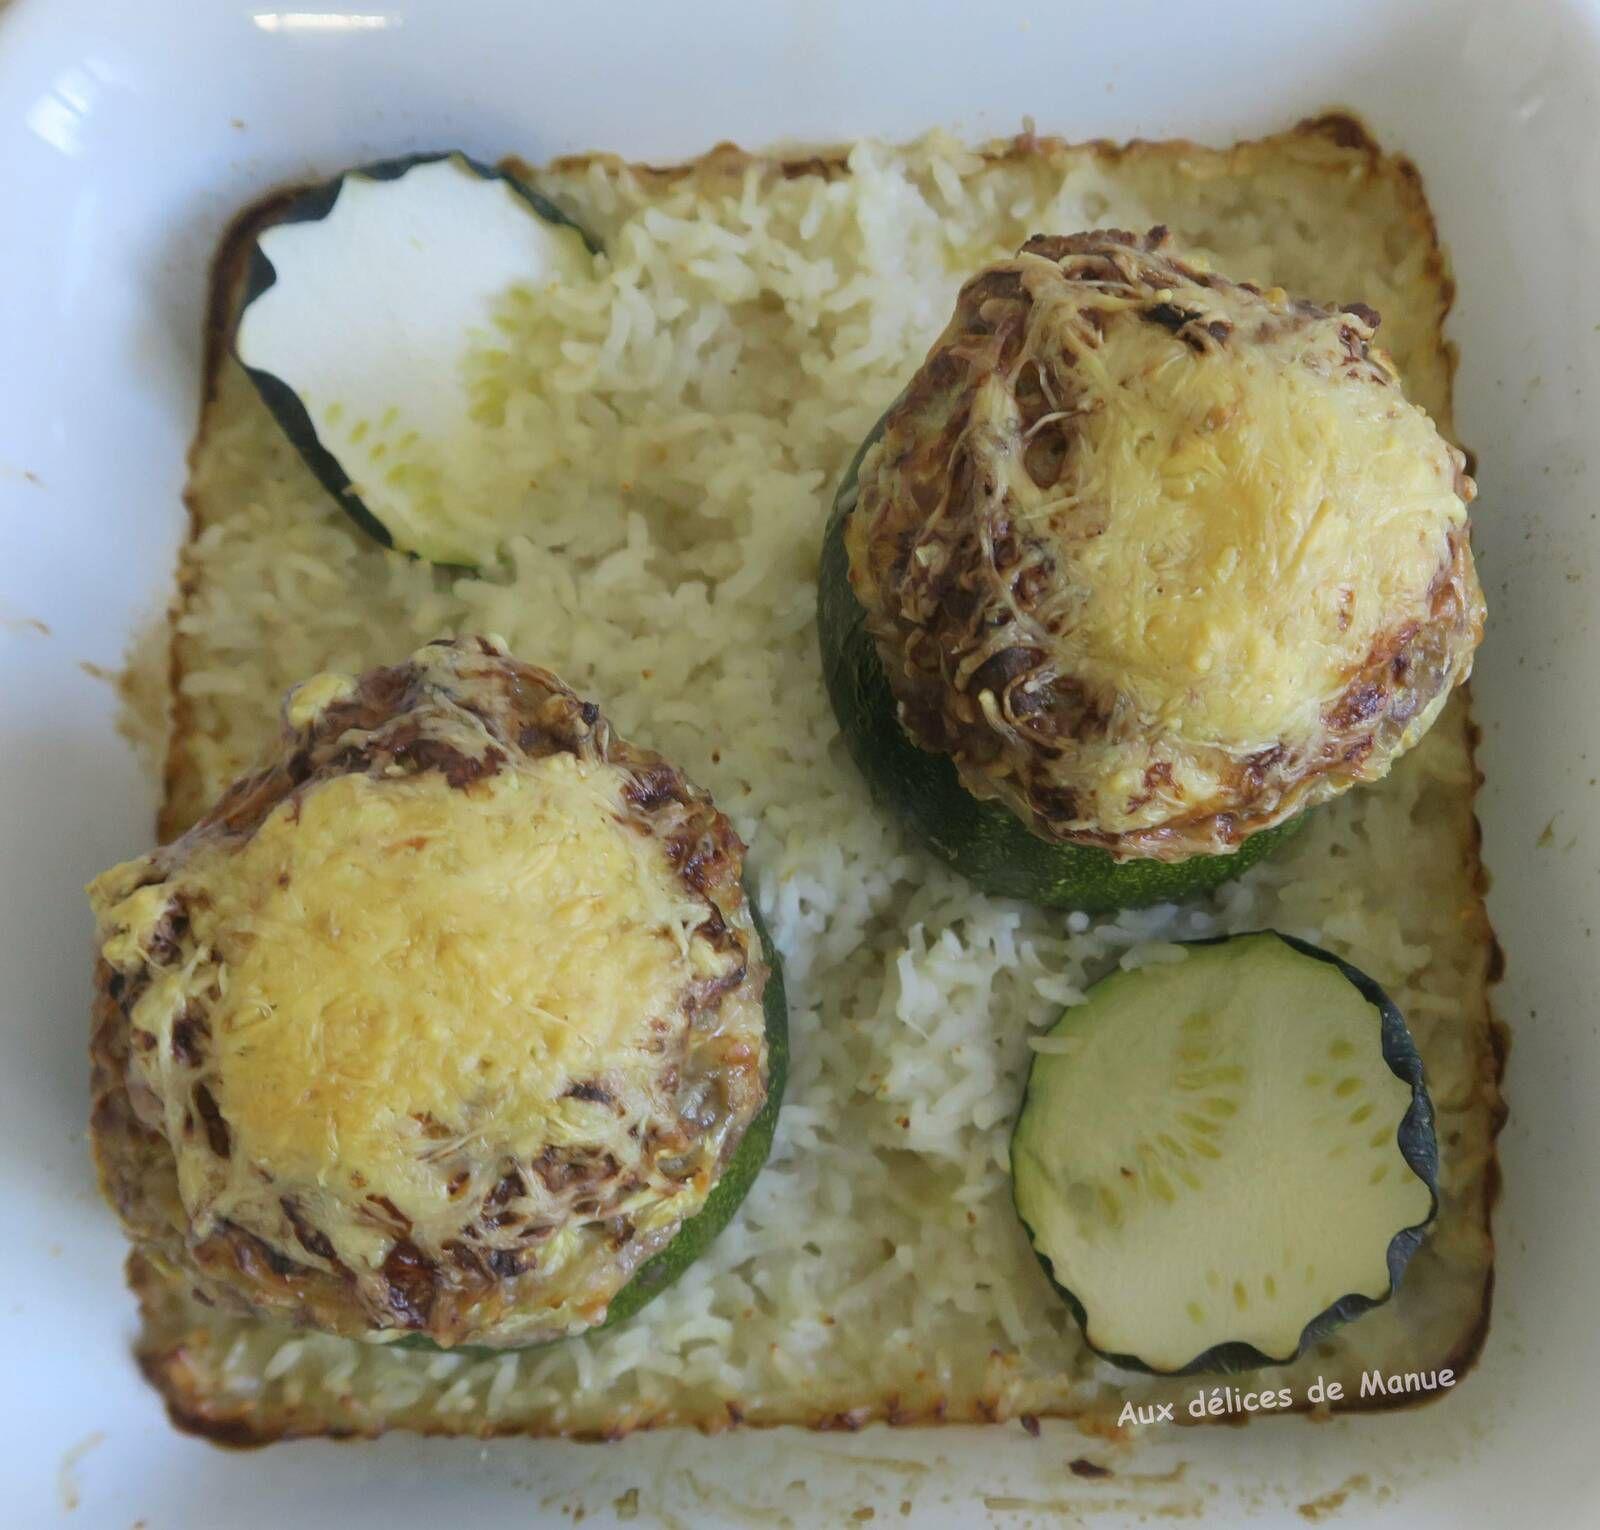 Courgettes rondes farcies au boeuf, pain de mie et St-Môret, sur lit de riz